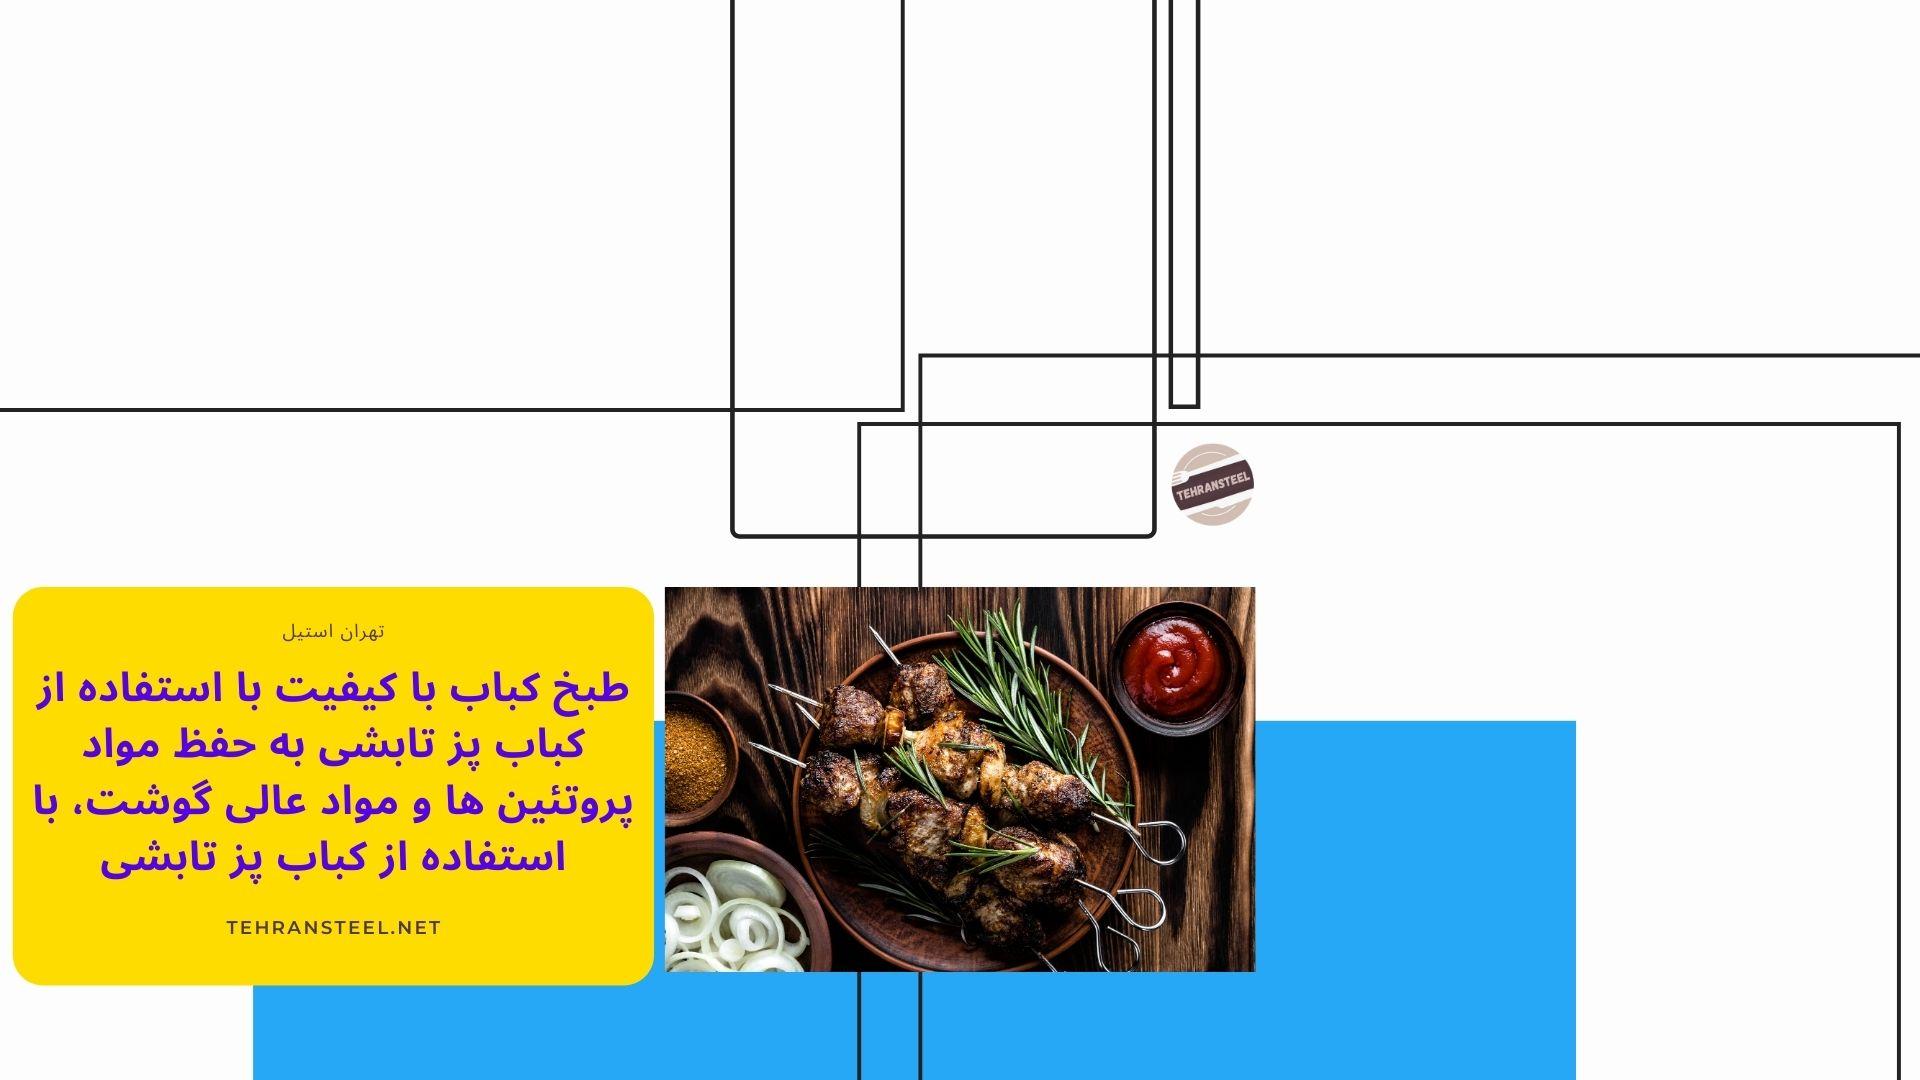 طبخ کباب با کیفیت با استفاده از کباب پز تابشی به حفظ مواد پروتئین ها و مواد عالی گوشت، با استفاده از کباب پز تابشی